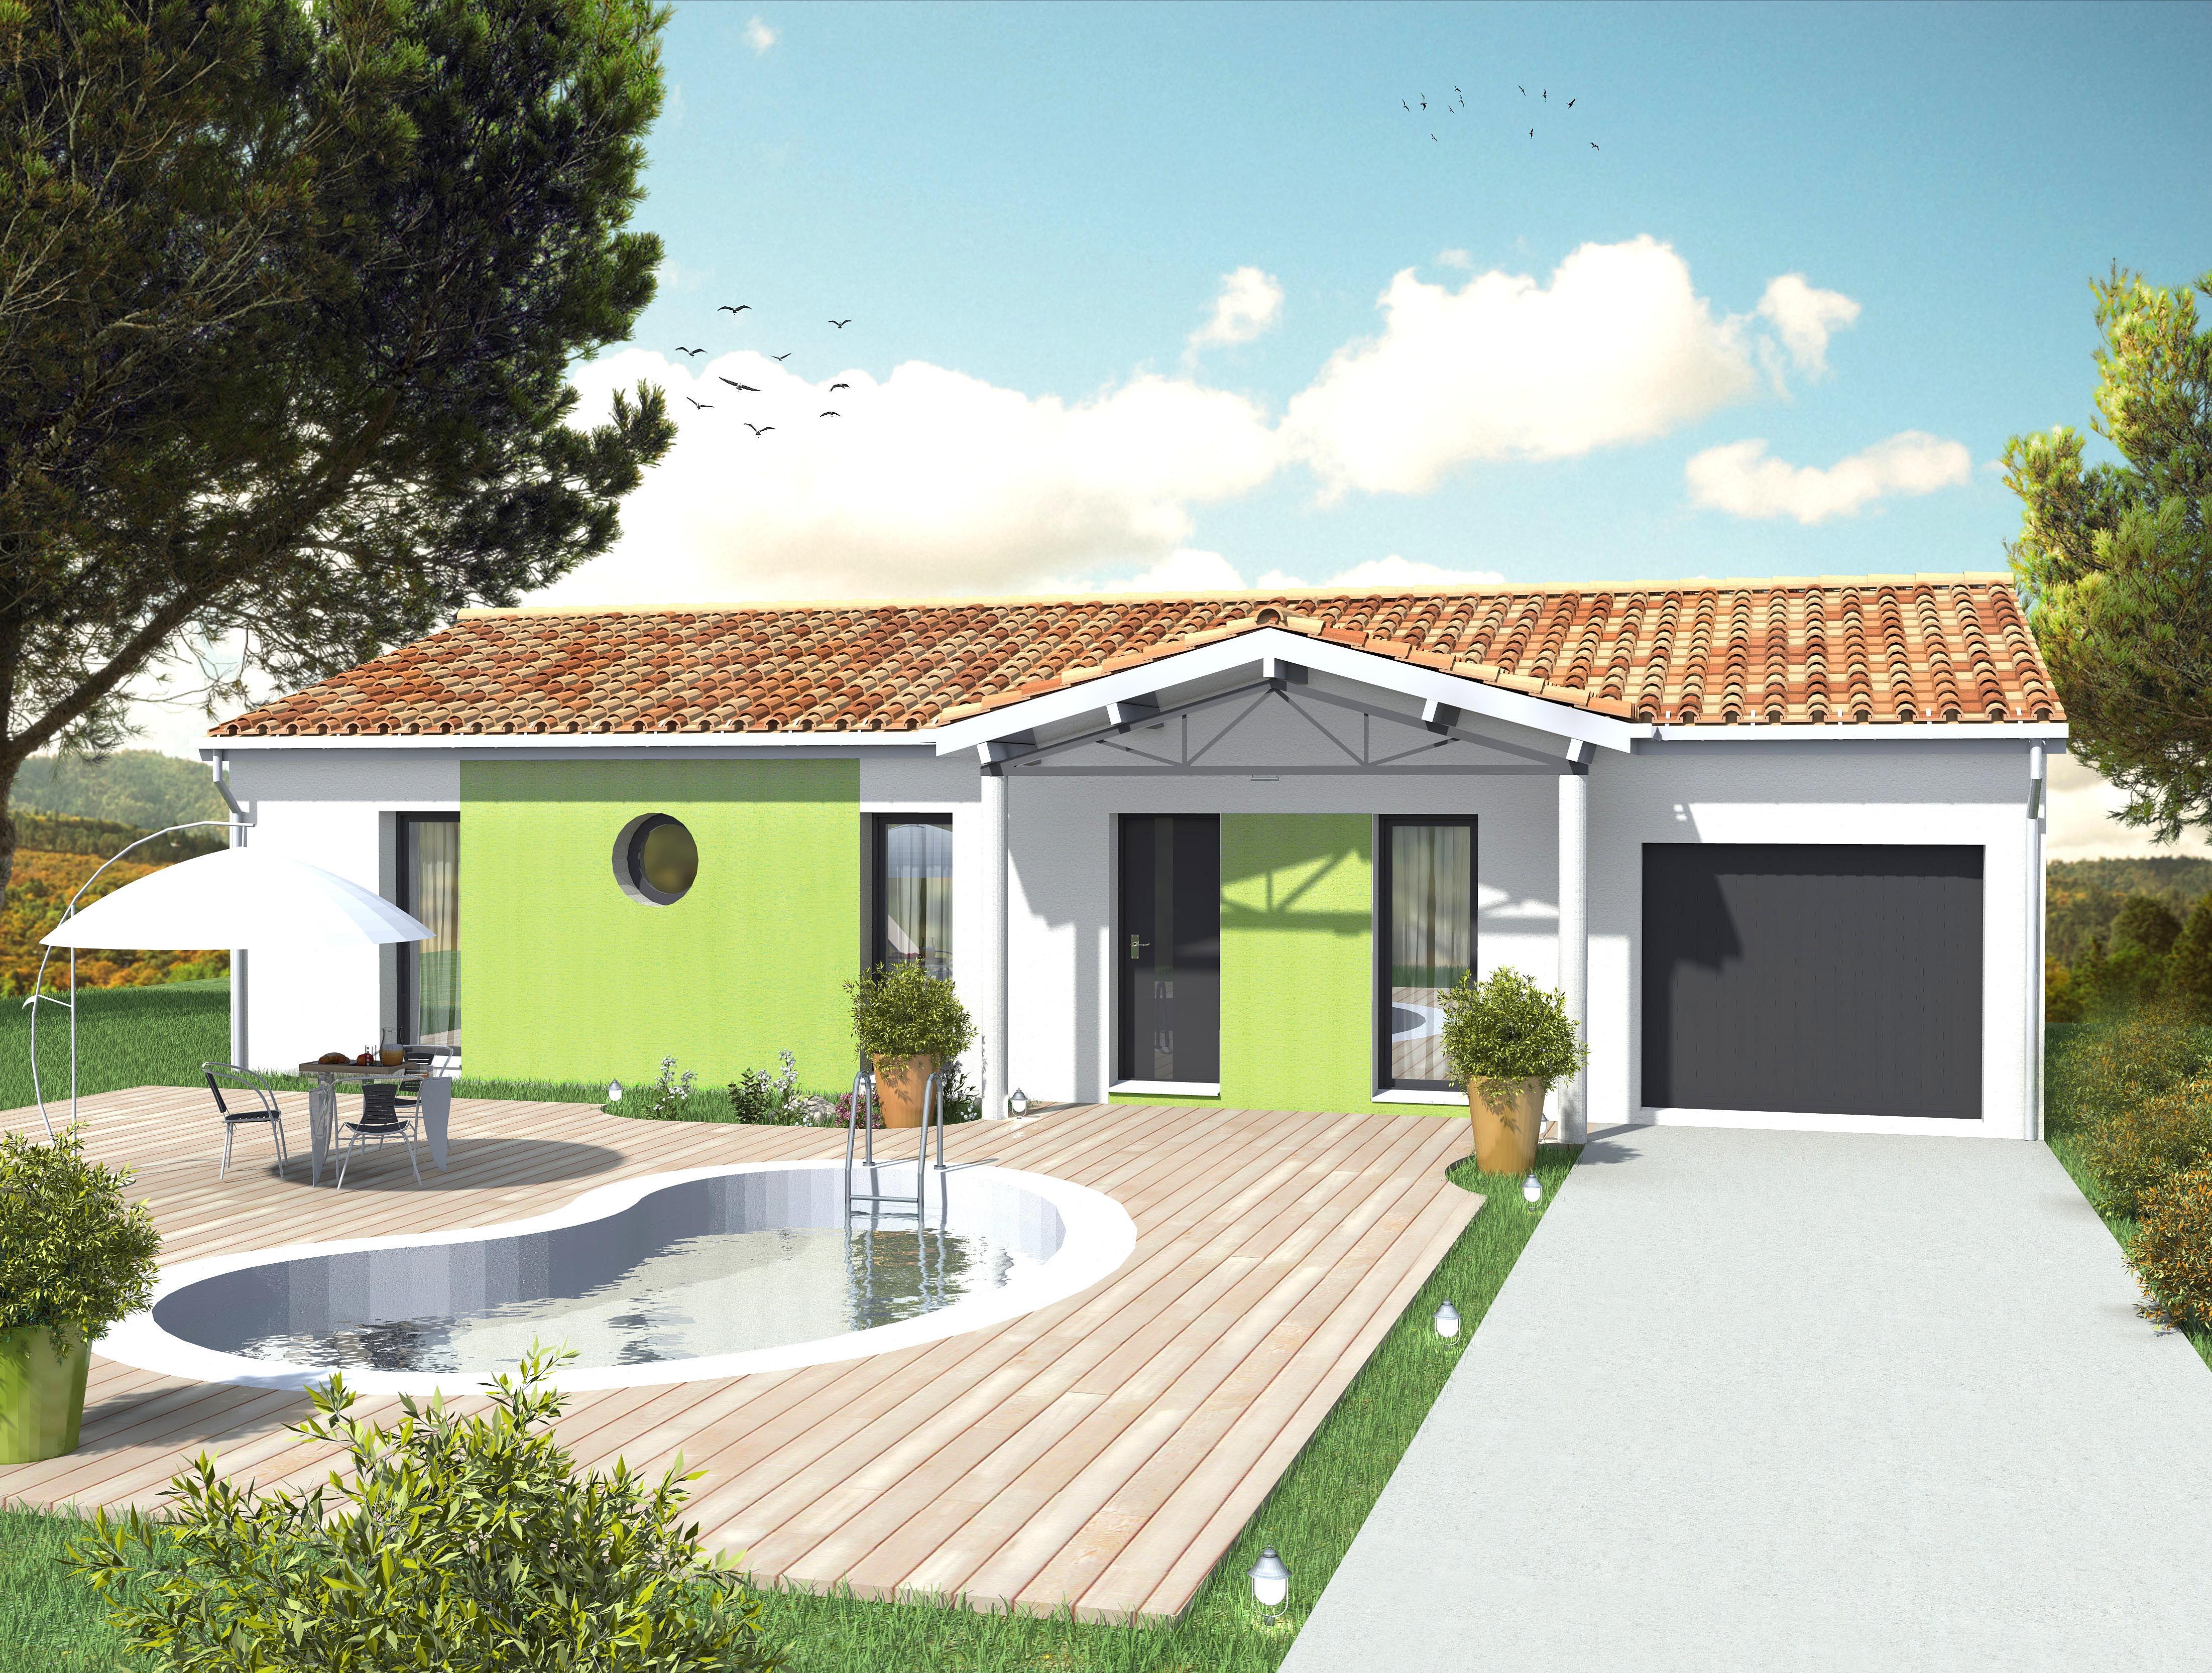 Maisons challenger constructeur de maisons neuves for Constructeur de maison 79